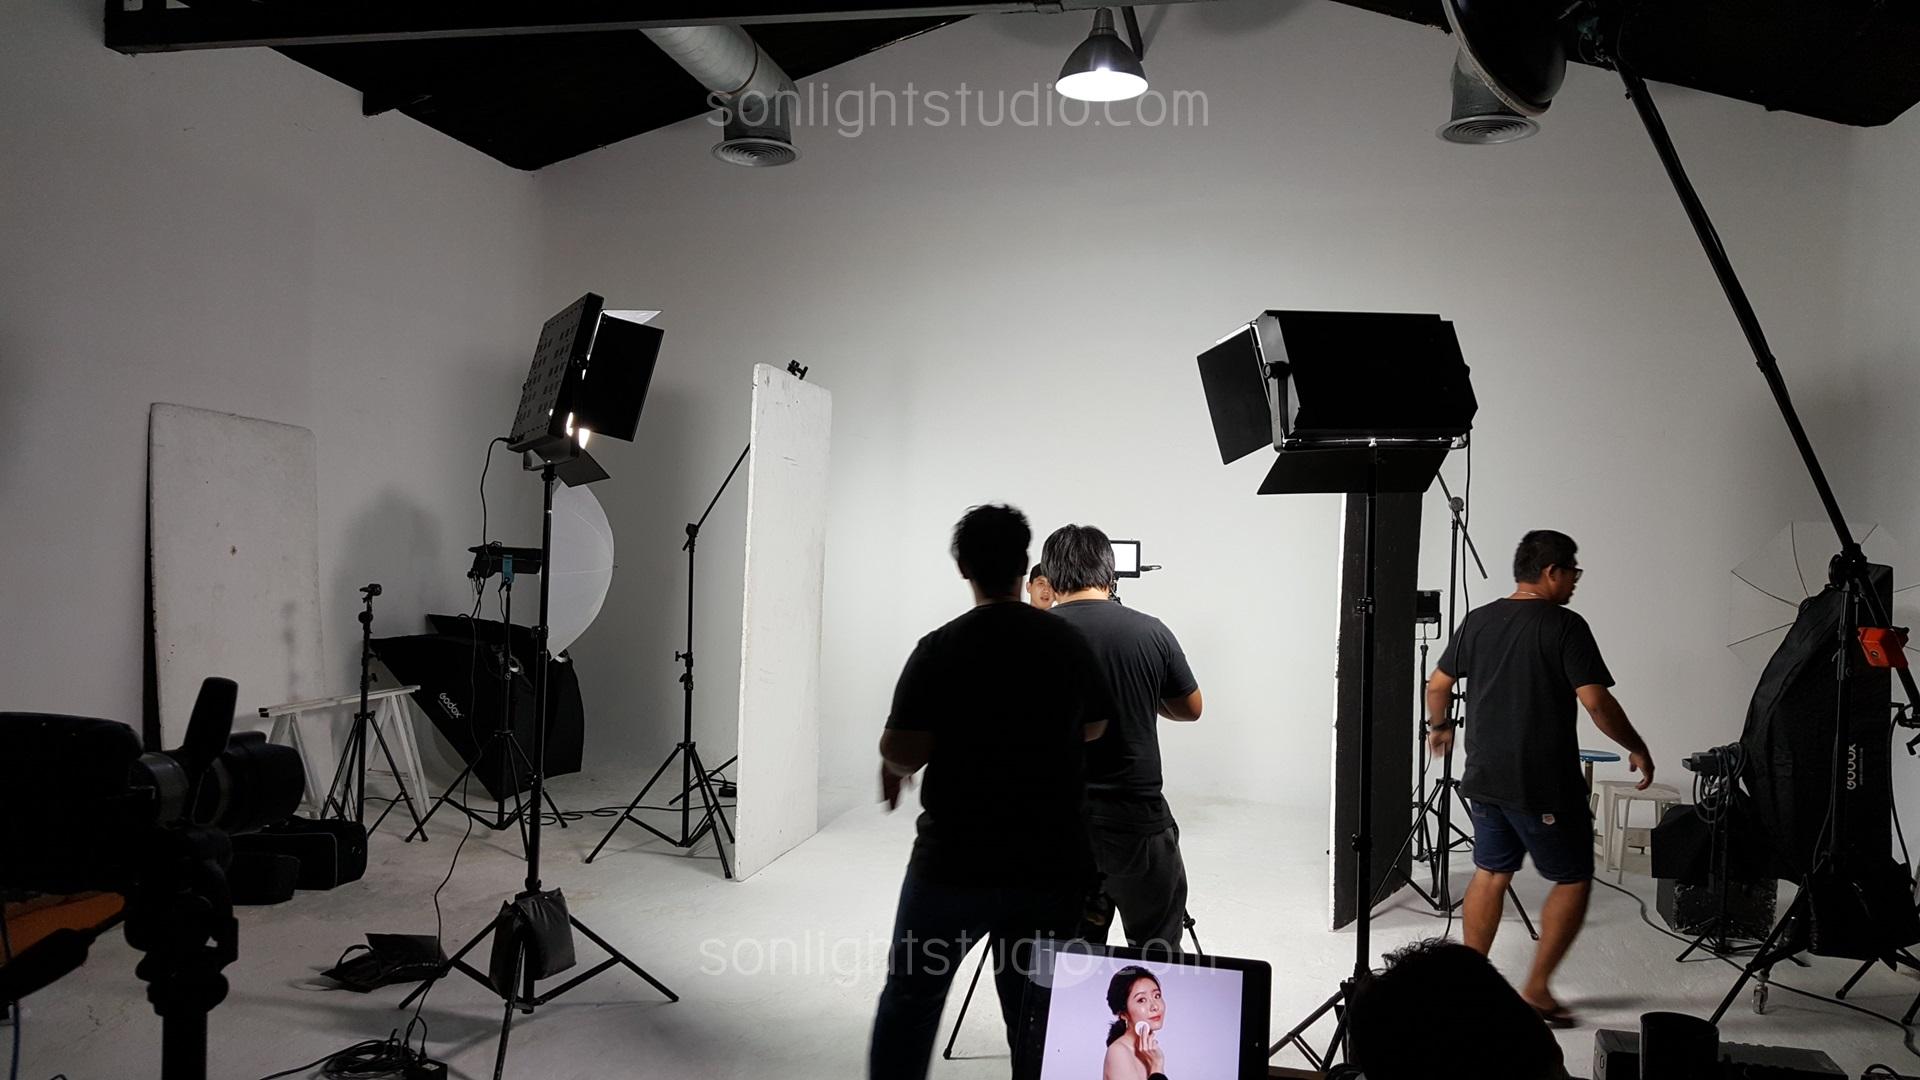 ไฟคีโน ถ่ายวิดีโอ โฆษณาเครื่องสำอางค์ Kangkaroo Studio